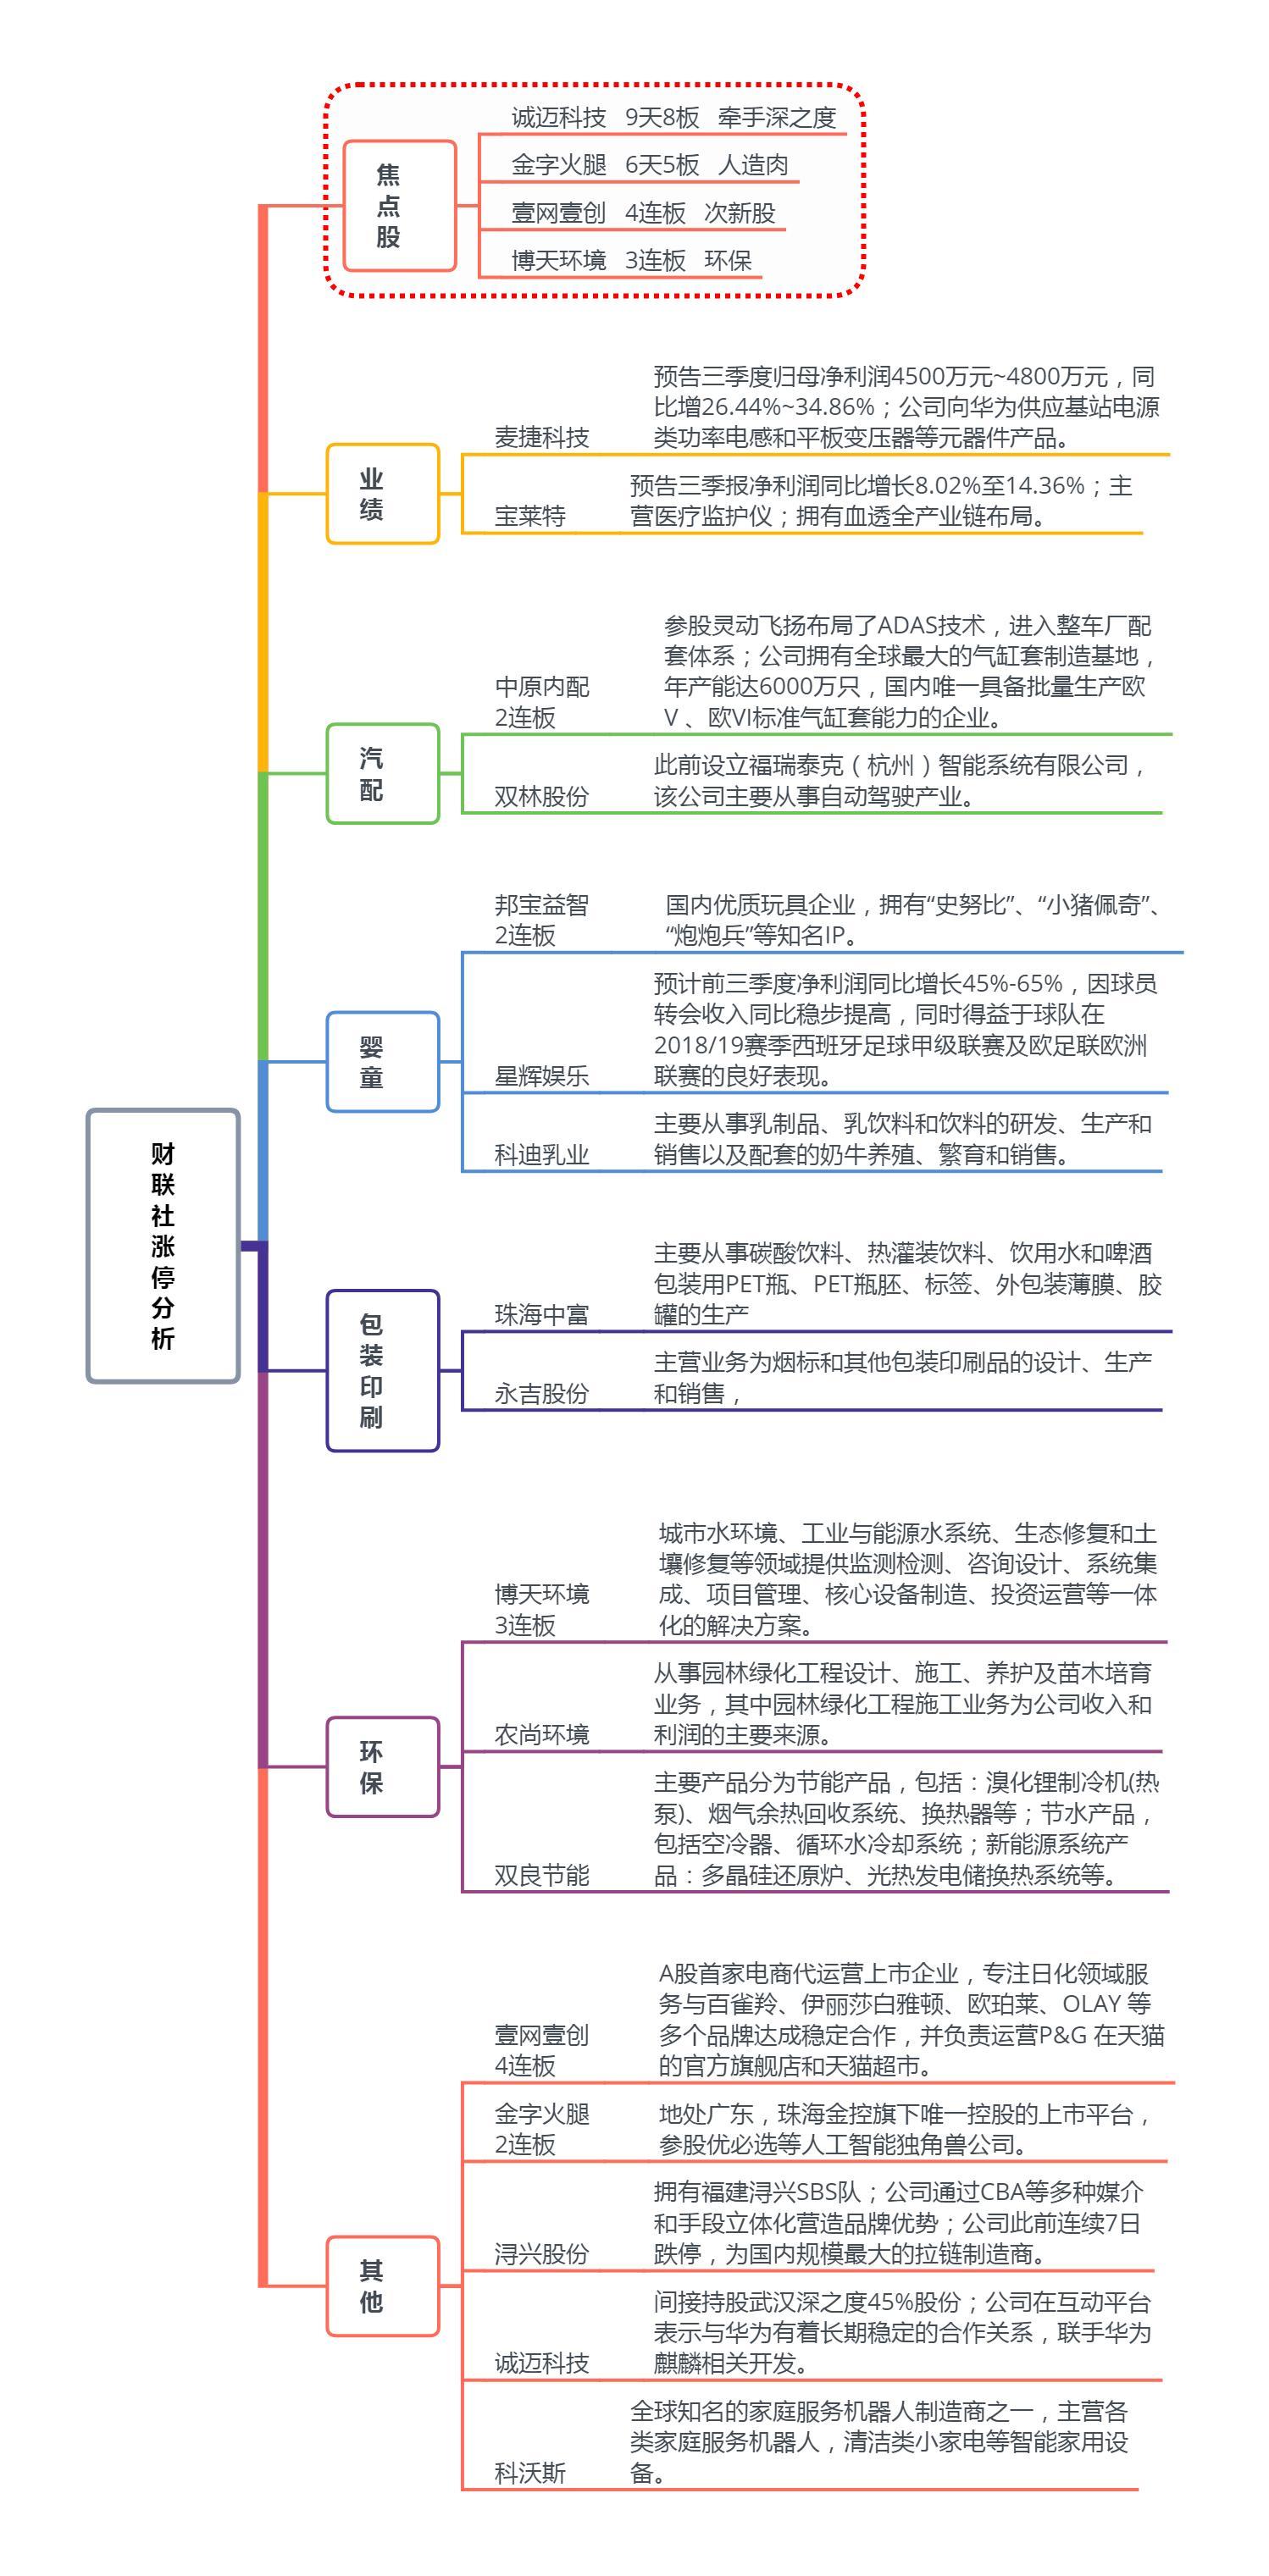 【财联社午报】沪指连续阴线 市场交投清淡